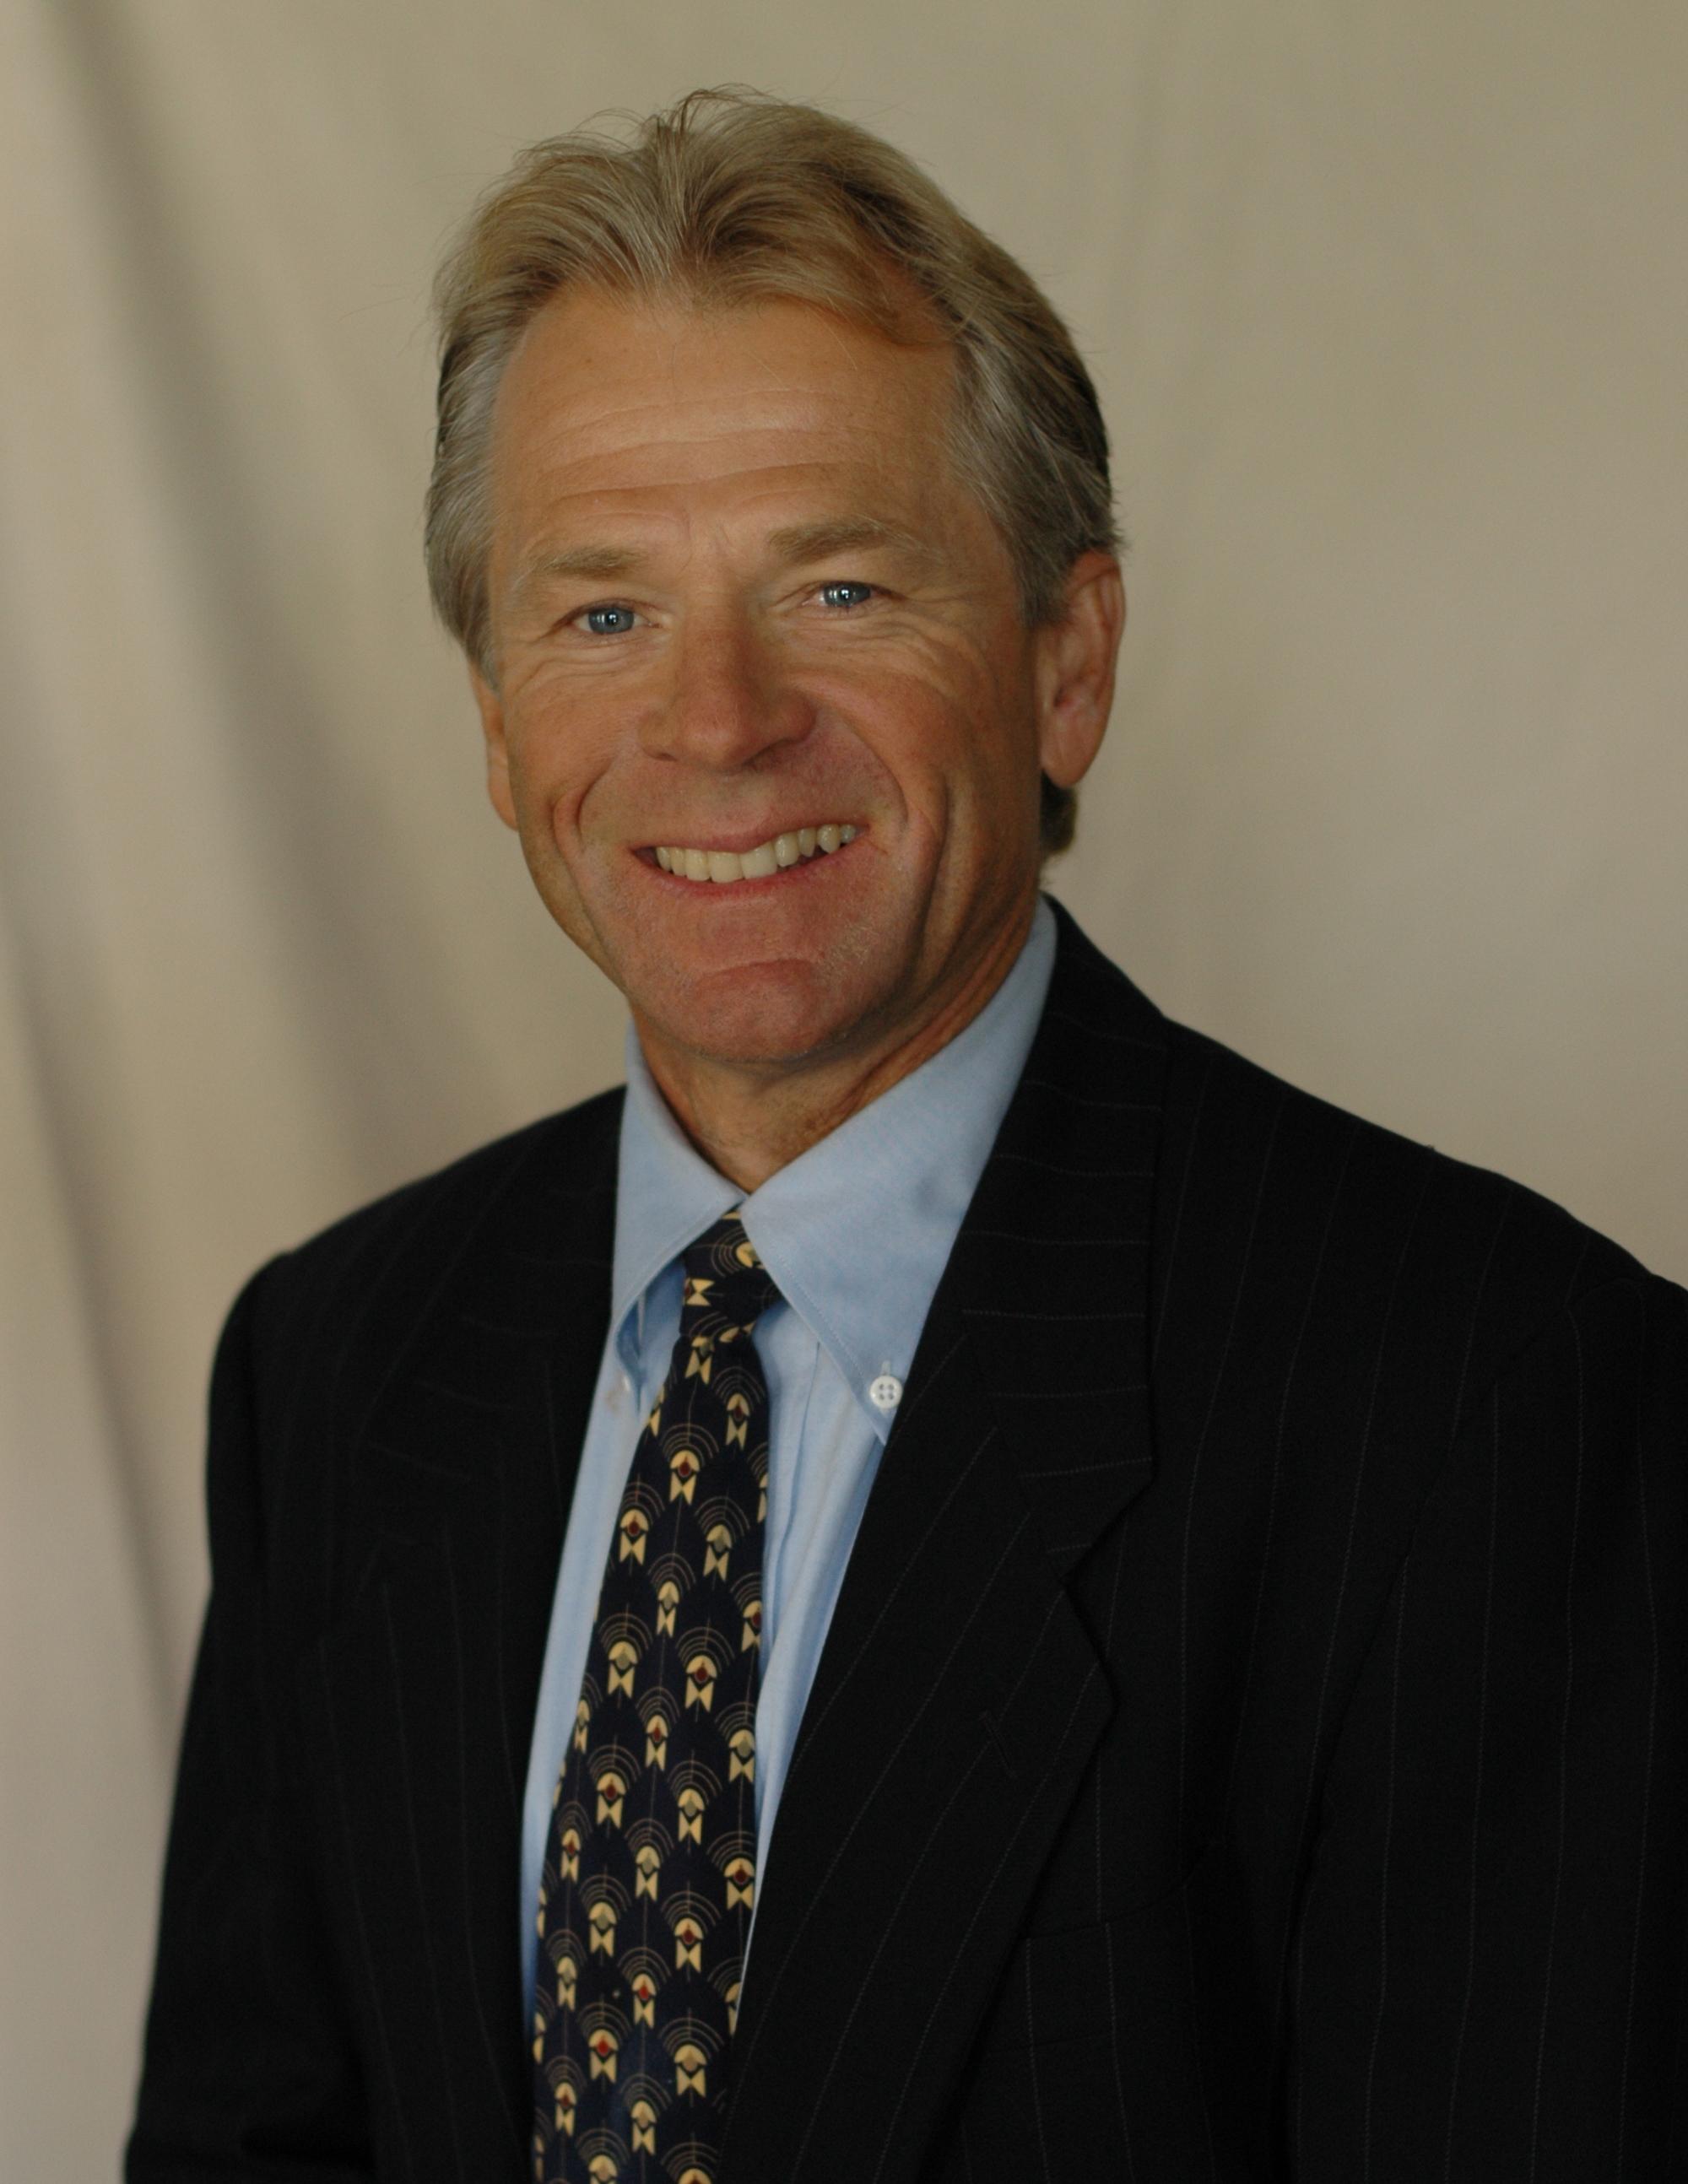 o professor Peter Navarro, da Universidade da Califórnia em Irvine